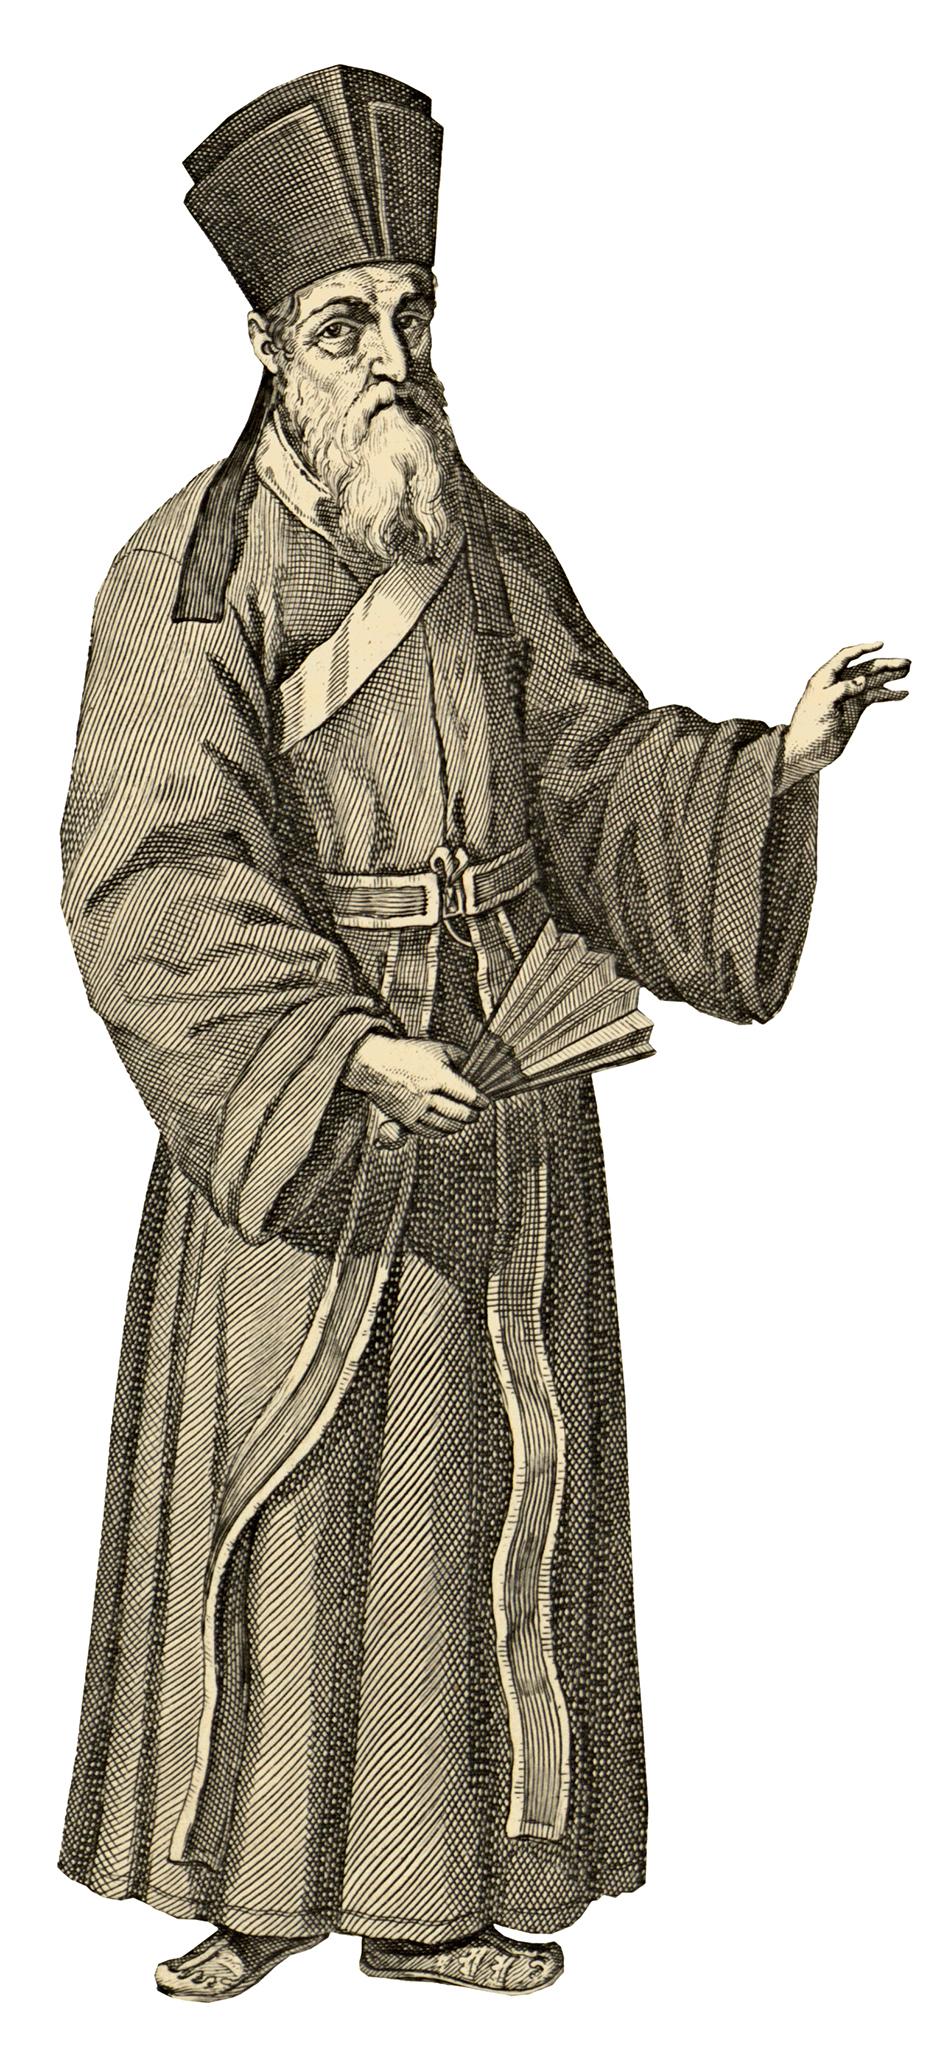 IC | Lançado livro das dinastias Ming e Qing sobre Matteo Ricci